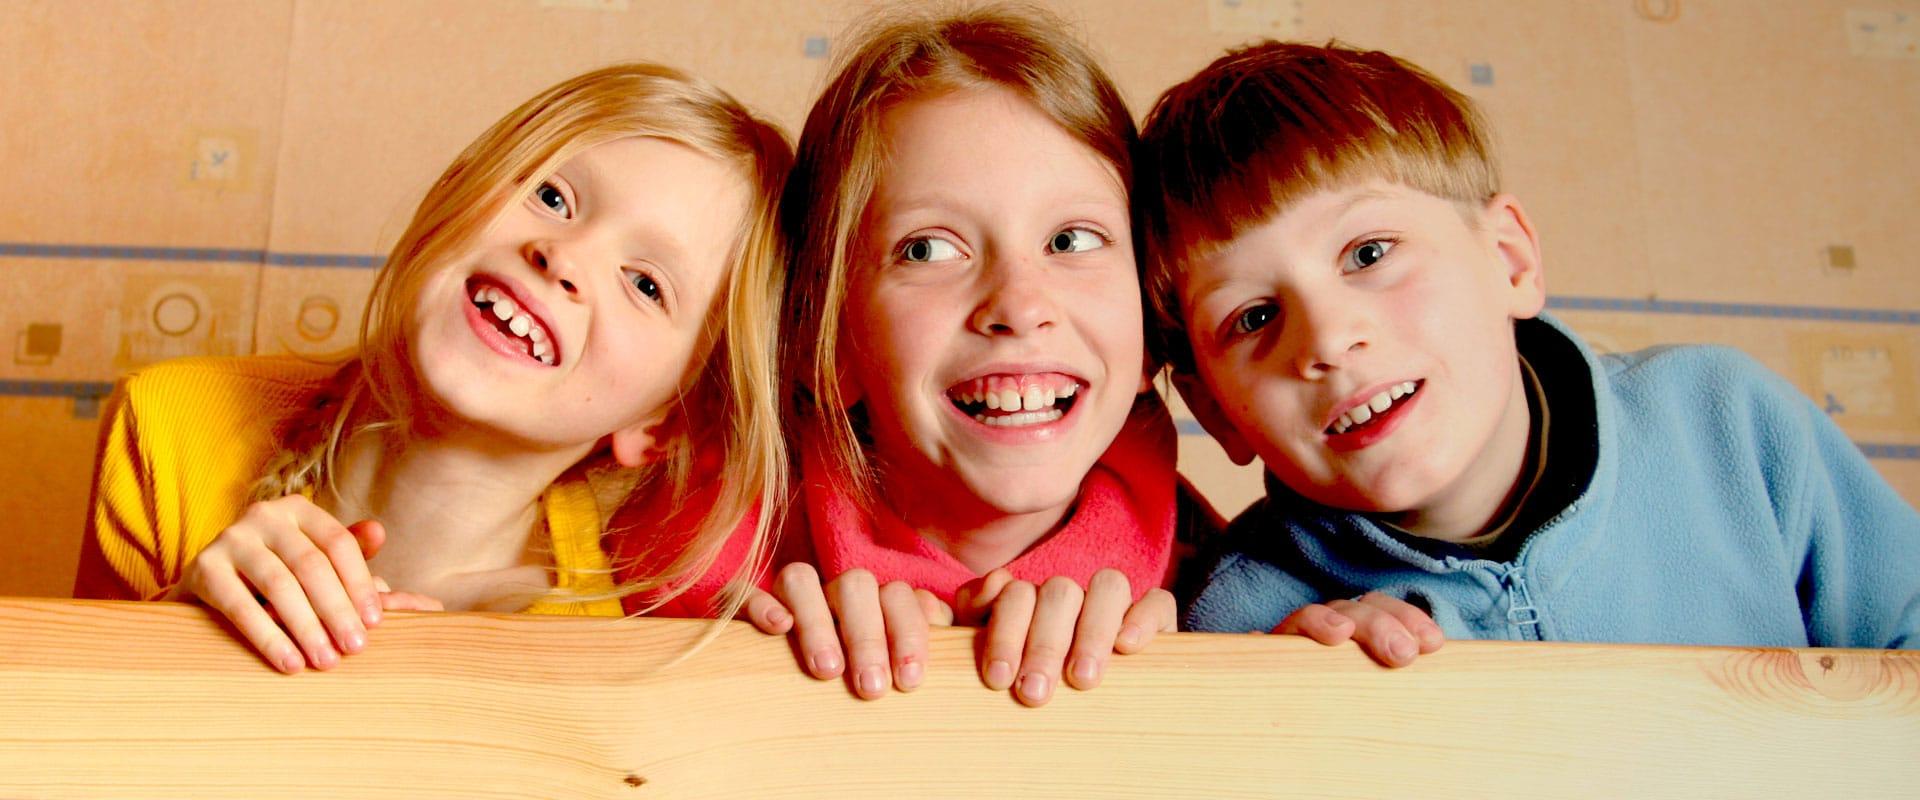 studio-dentistico-mauro-pini-bambini